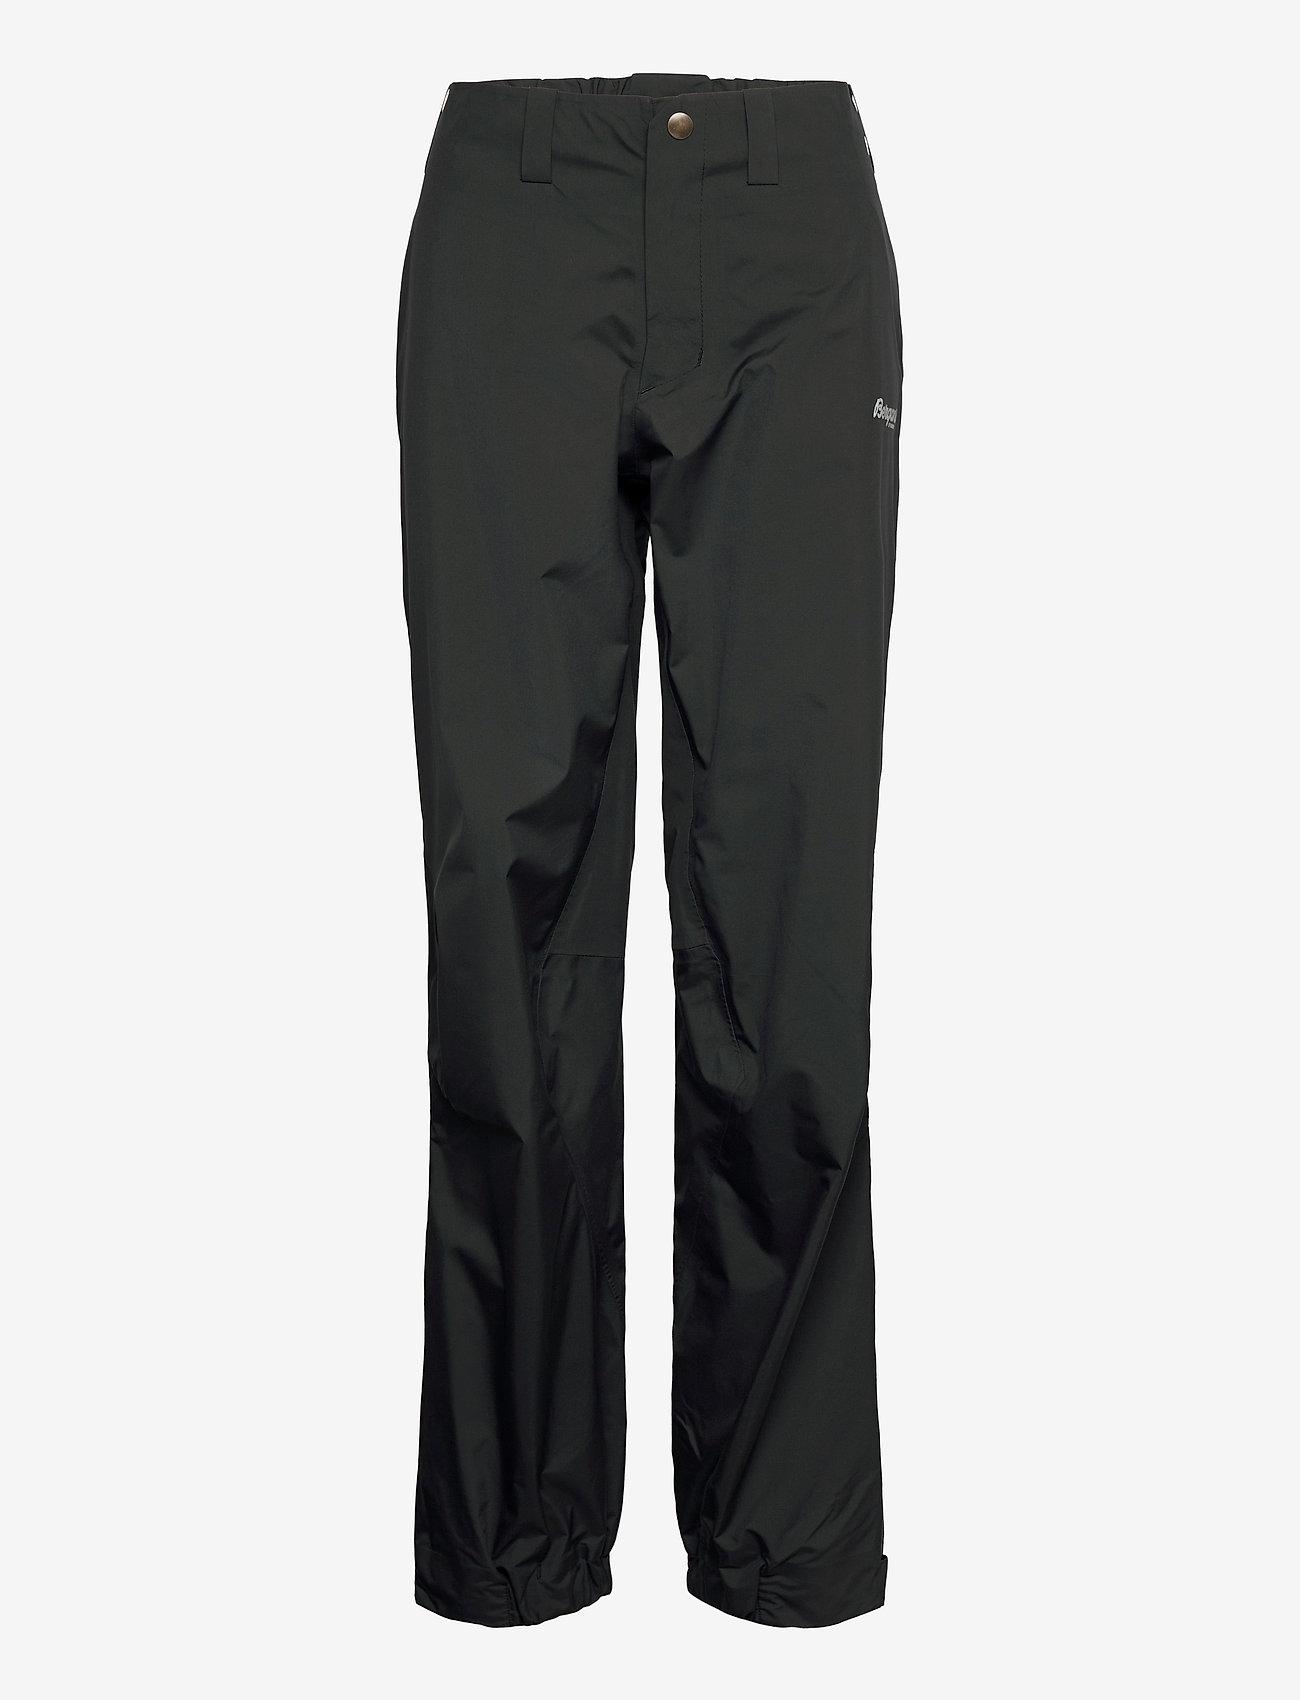 Bergans - Letto LongZip W Pnt - pantalon de randonnée - black - 0